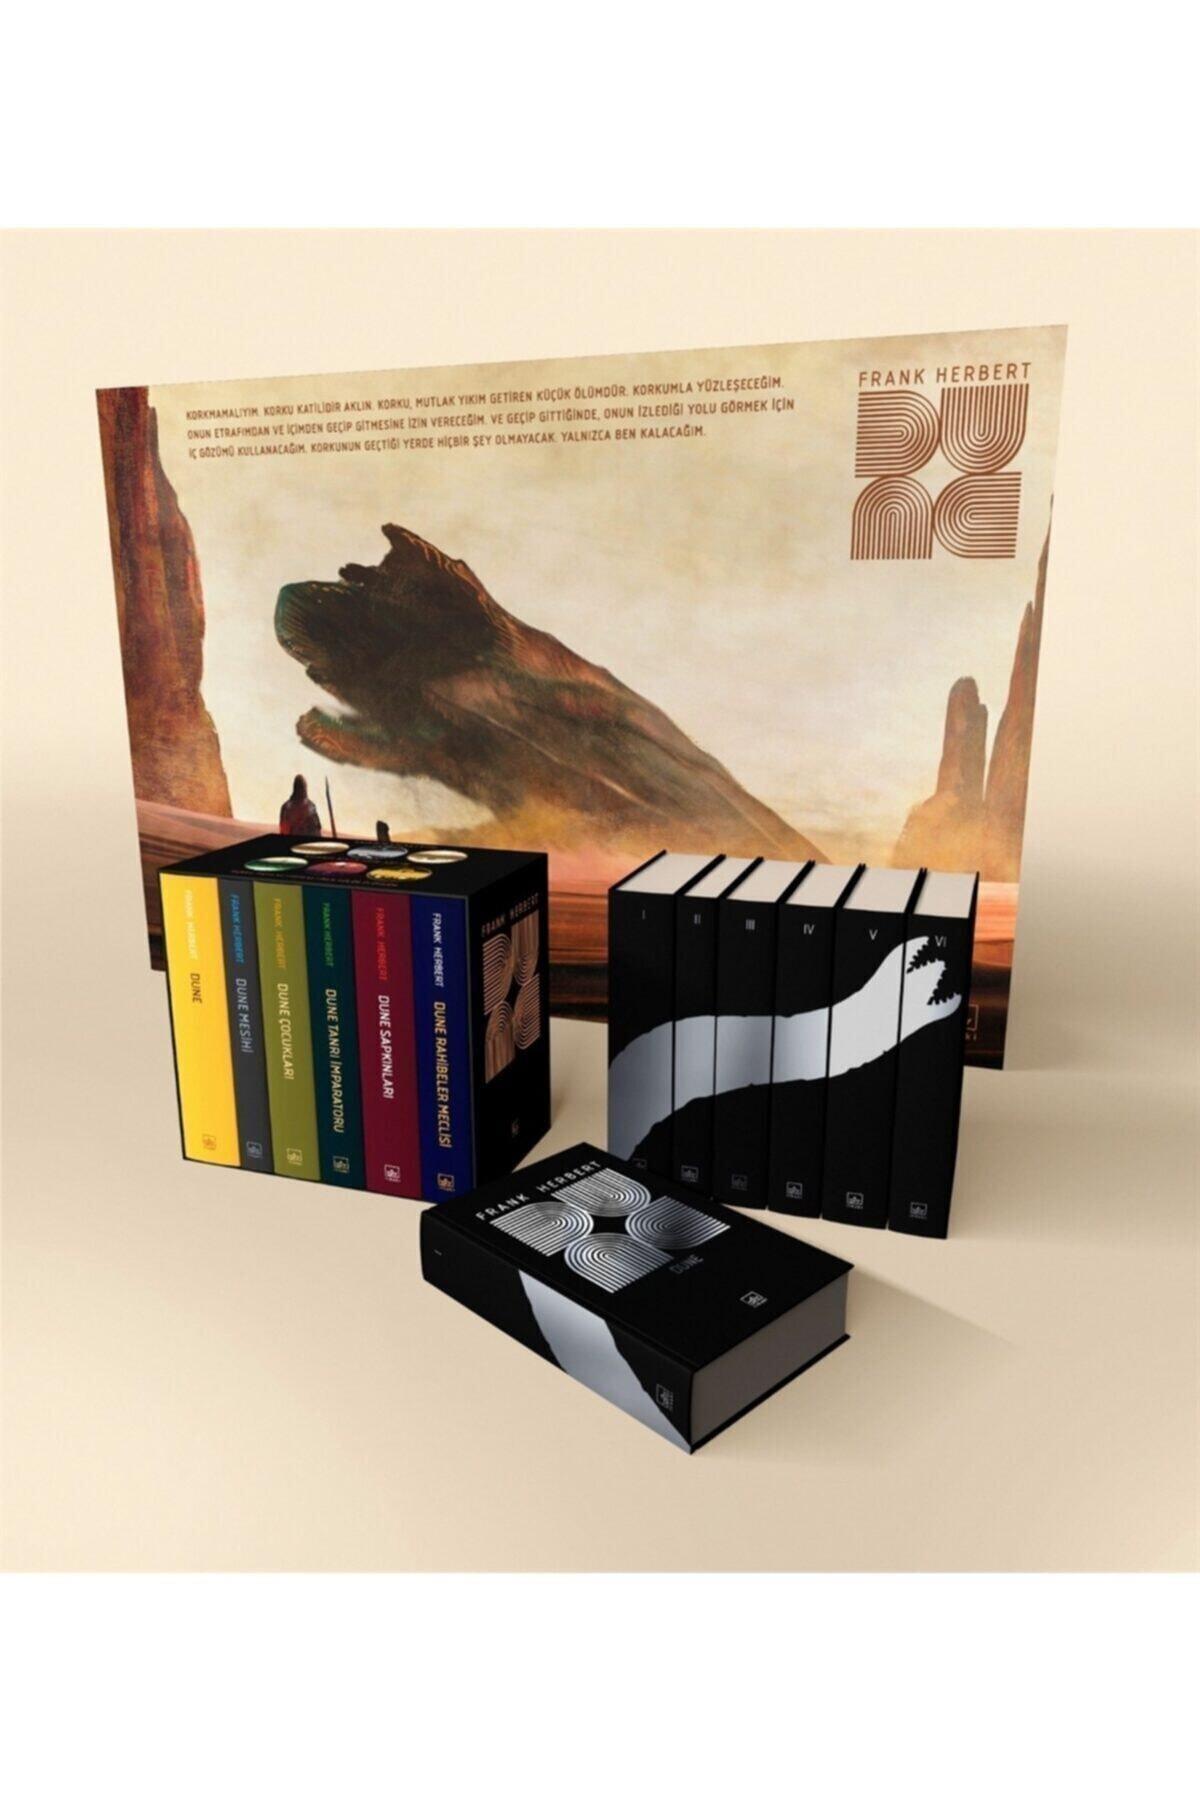 İthaki Yayınları Dune Ciltli Kutu Set (6 Kitap Takım) - Frank Herbert 9786257737630 1